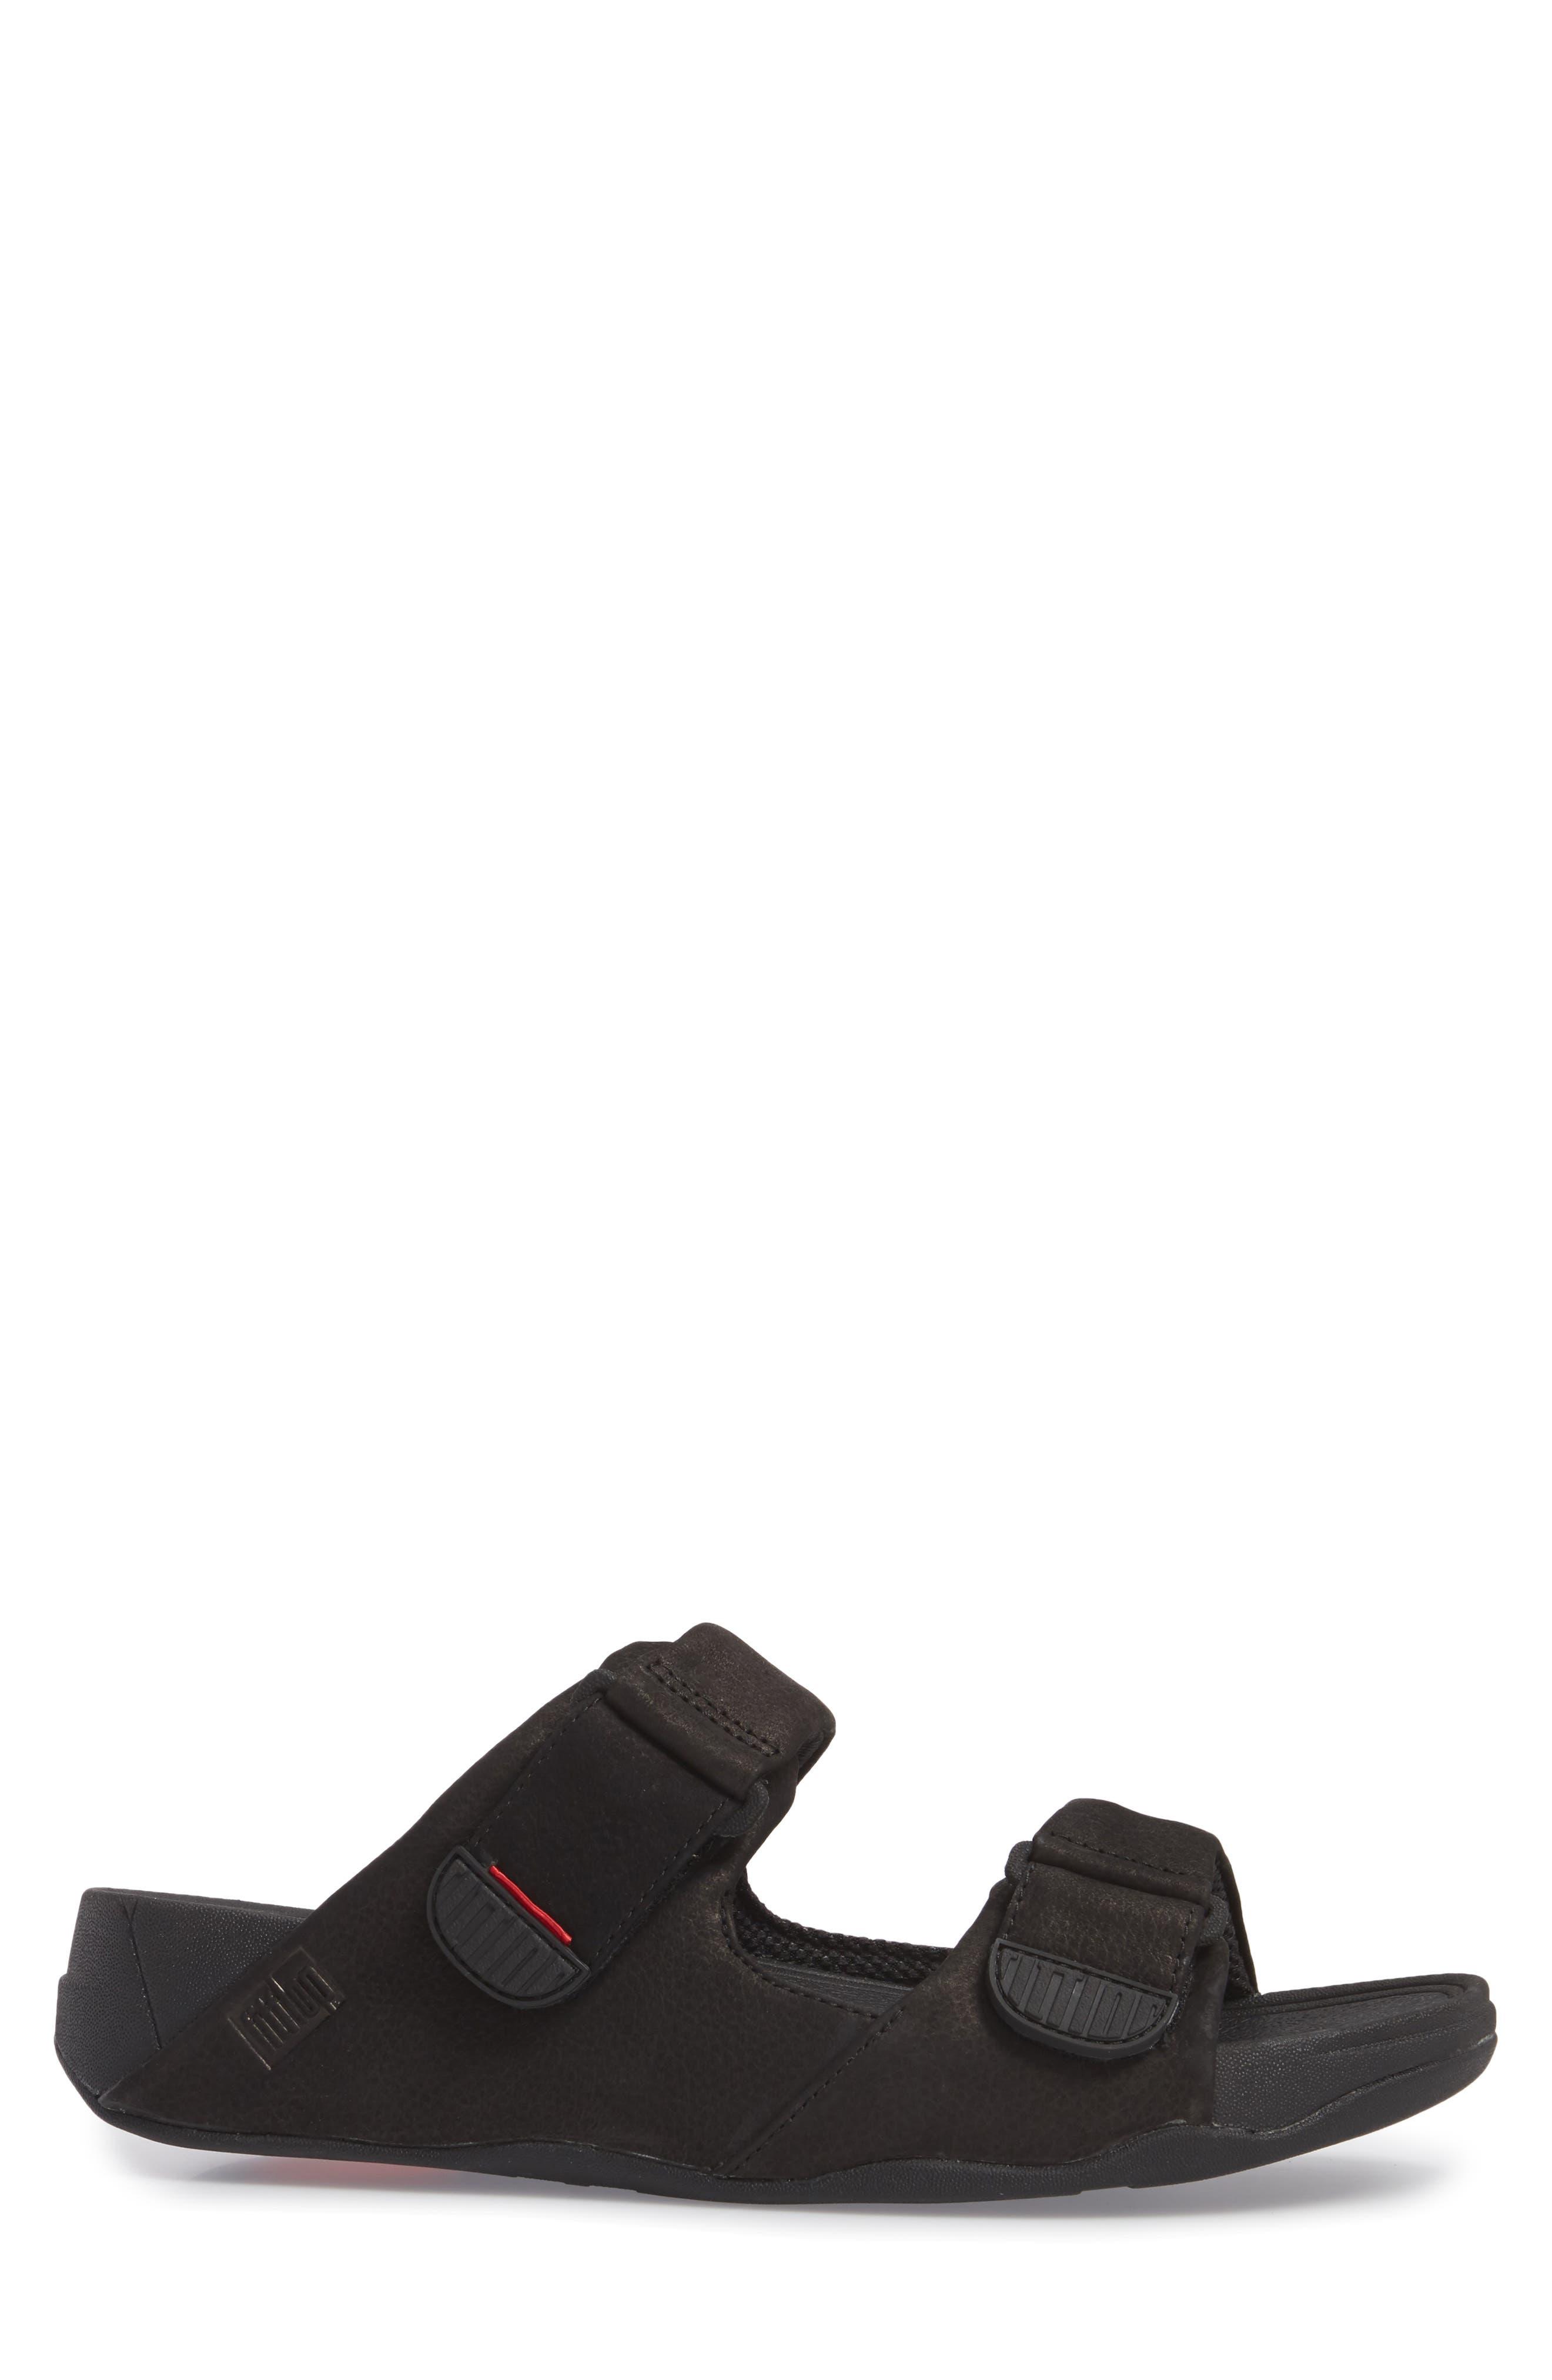 Gogh Sport Slide Sandal,                             Alternate thumbnail 3, color,                             BLACK